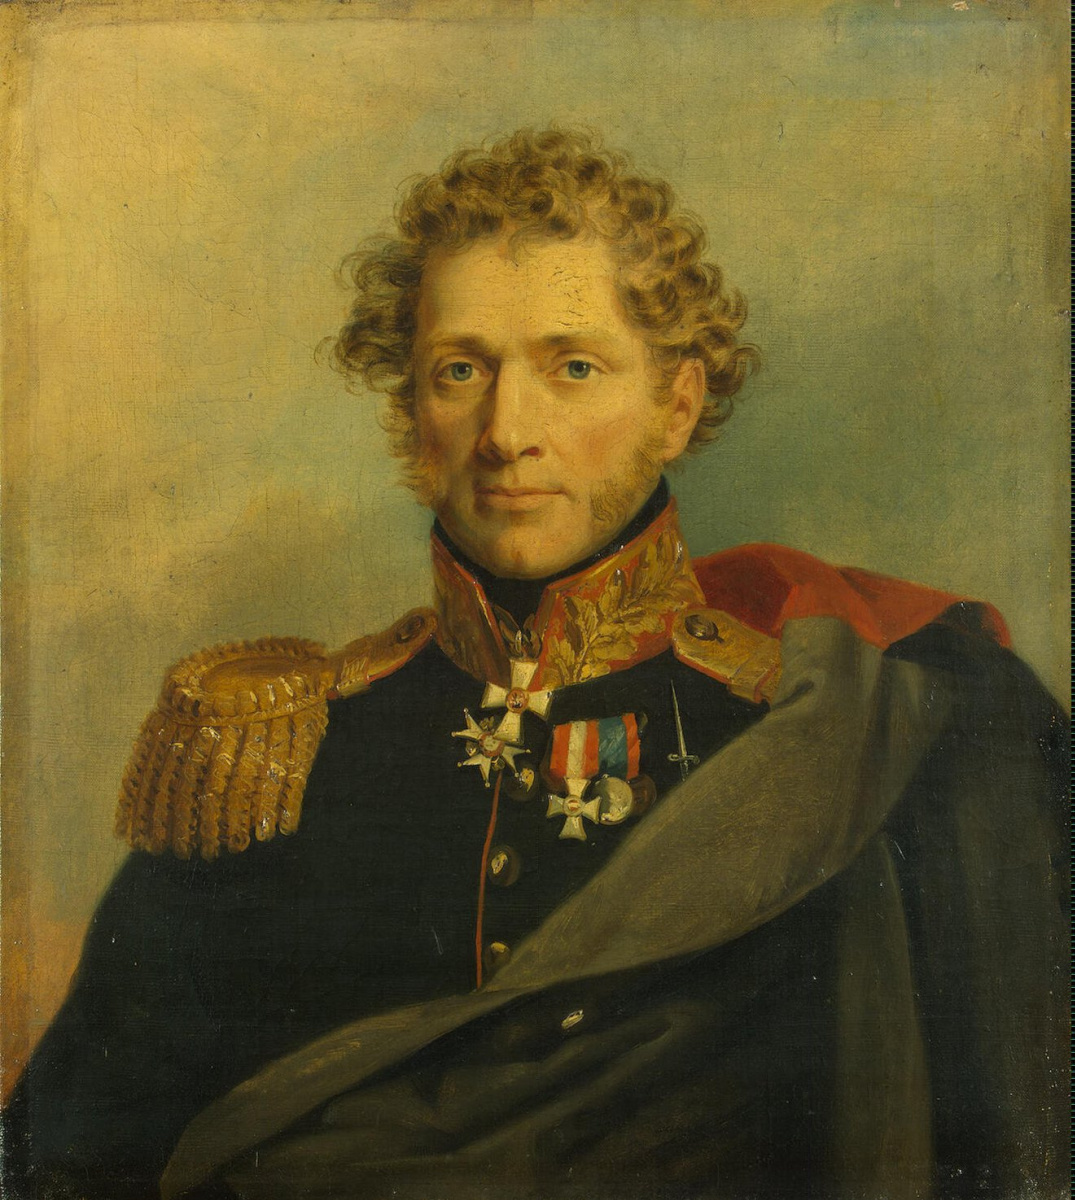 Джордж Доу. Портрет Людвига Вальмодена